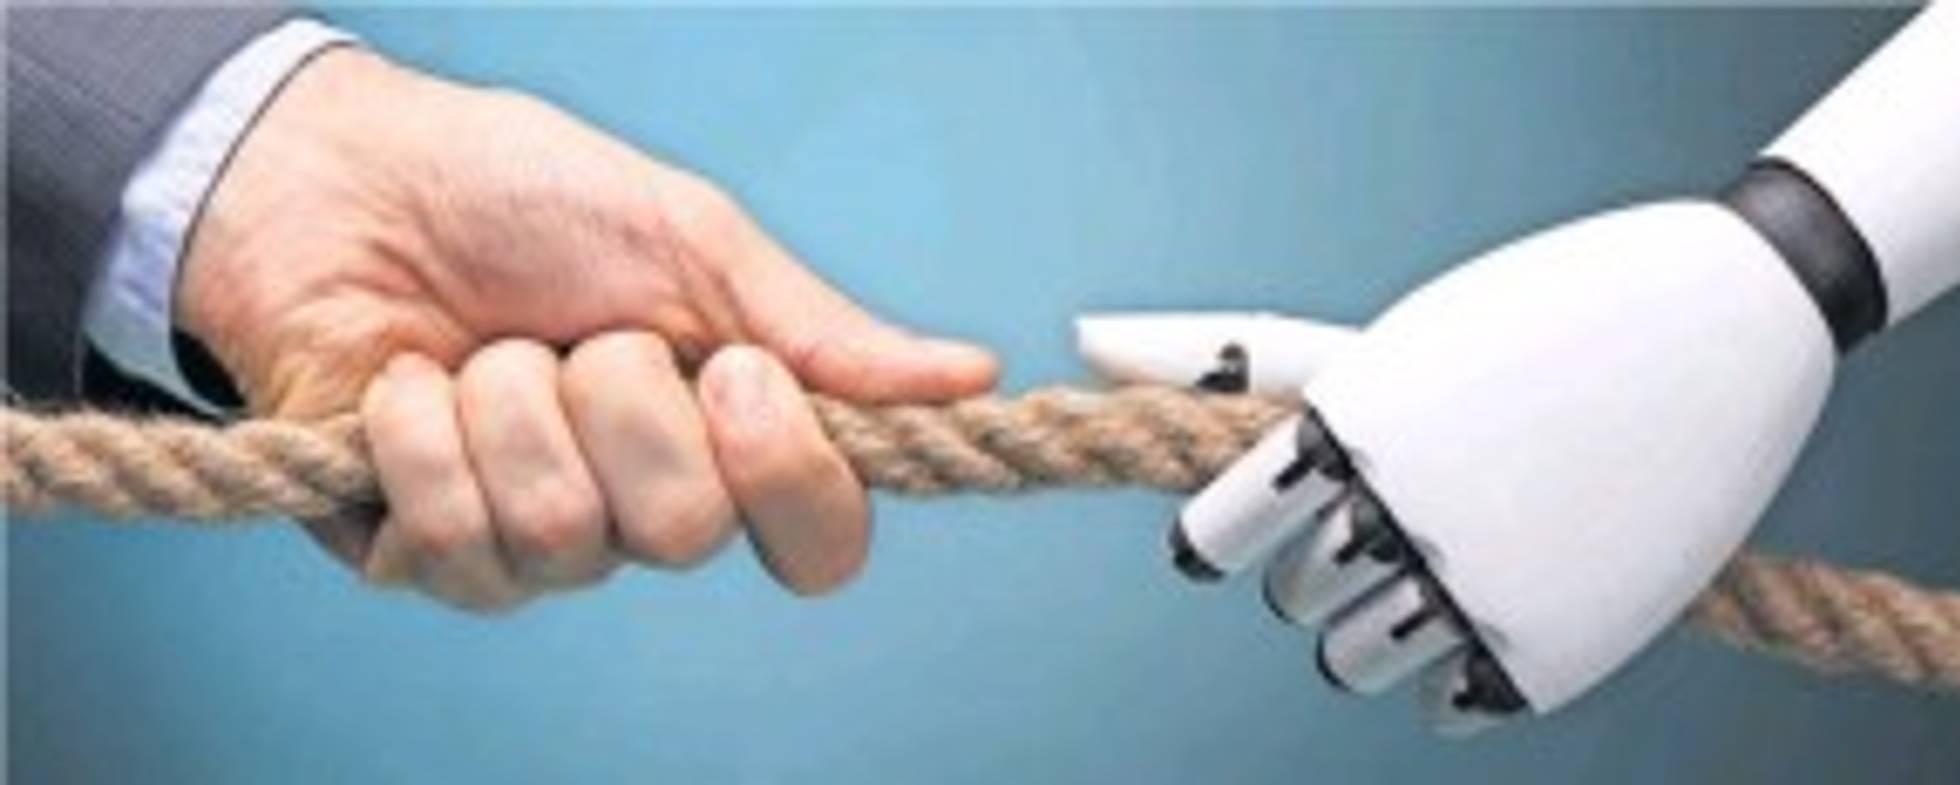 Qué abogados están en 'peligro de extinción' por la tecnología